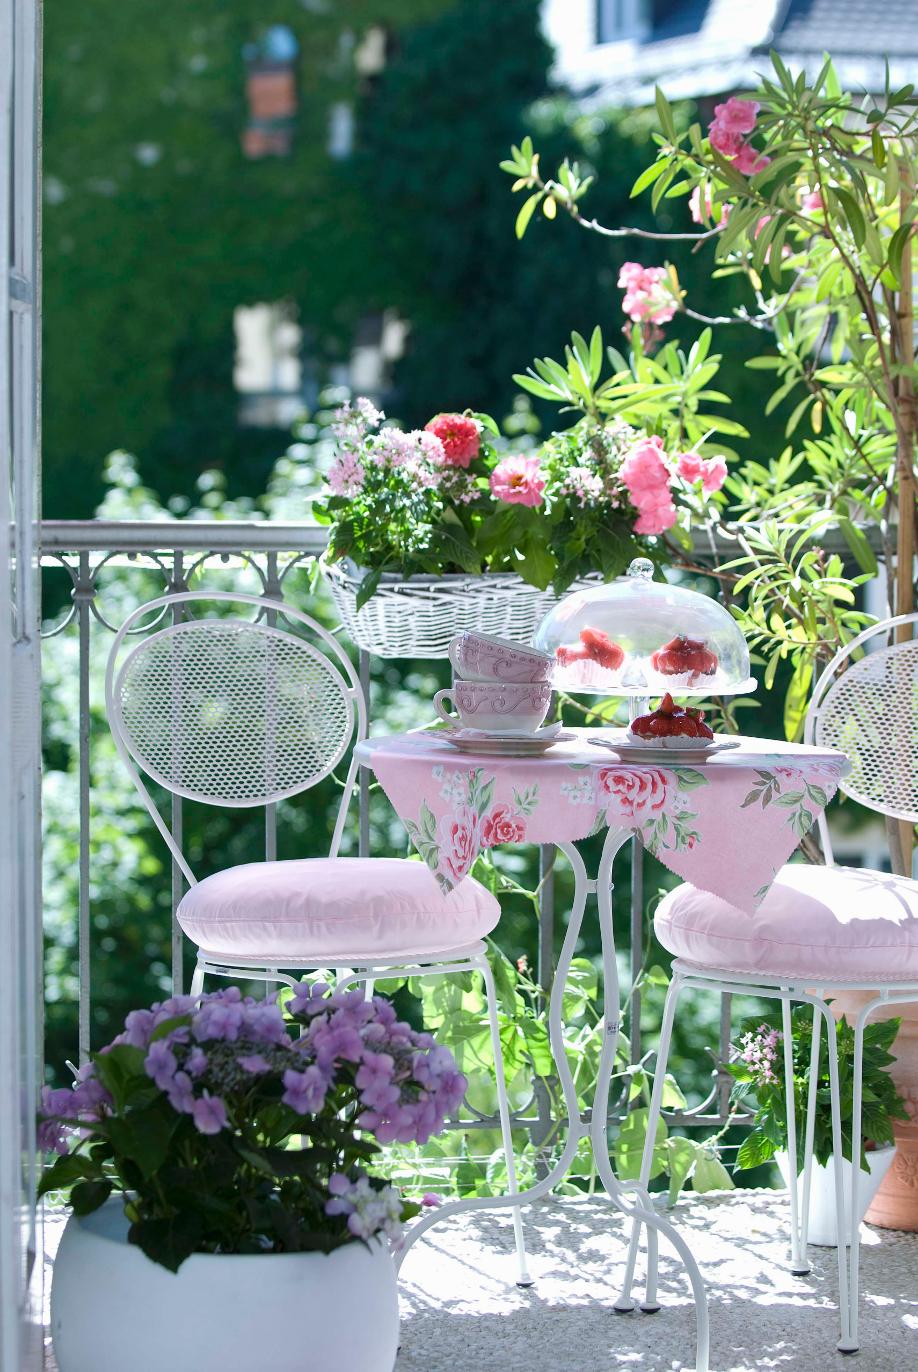 westwing-balcon-romantico